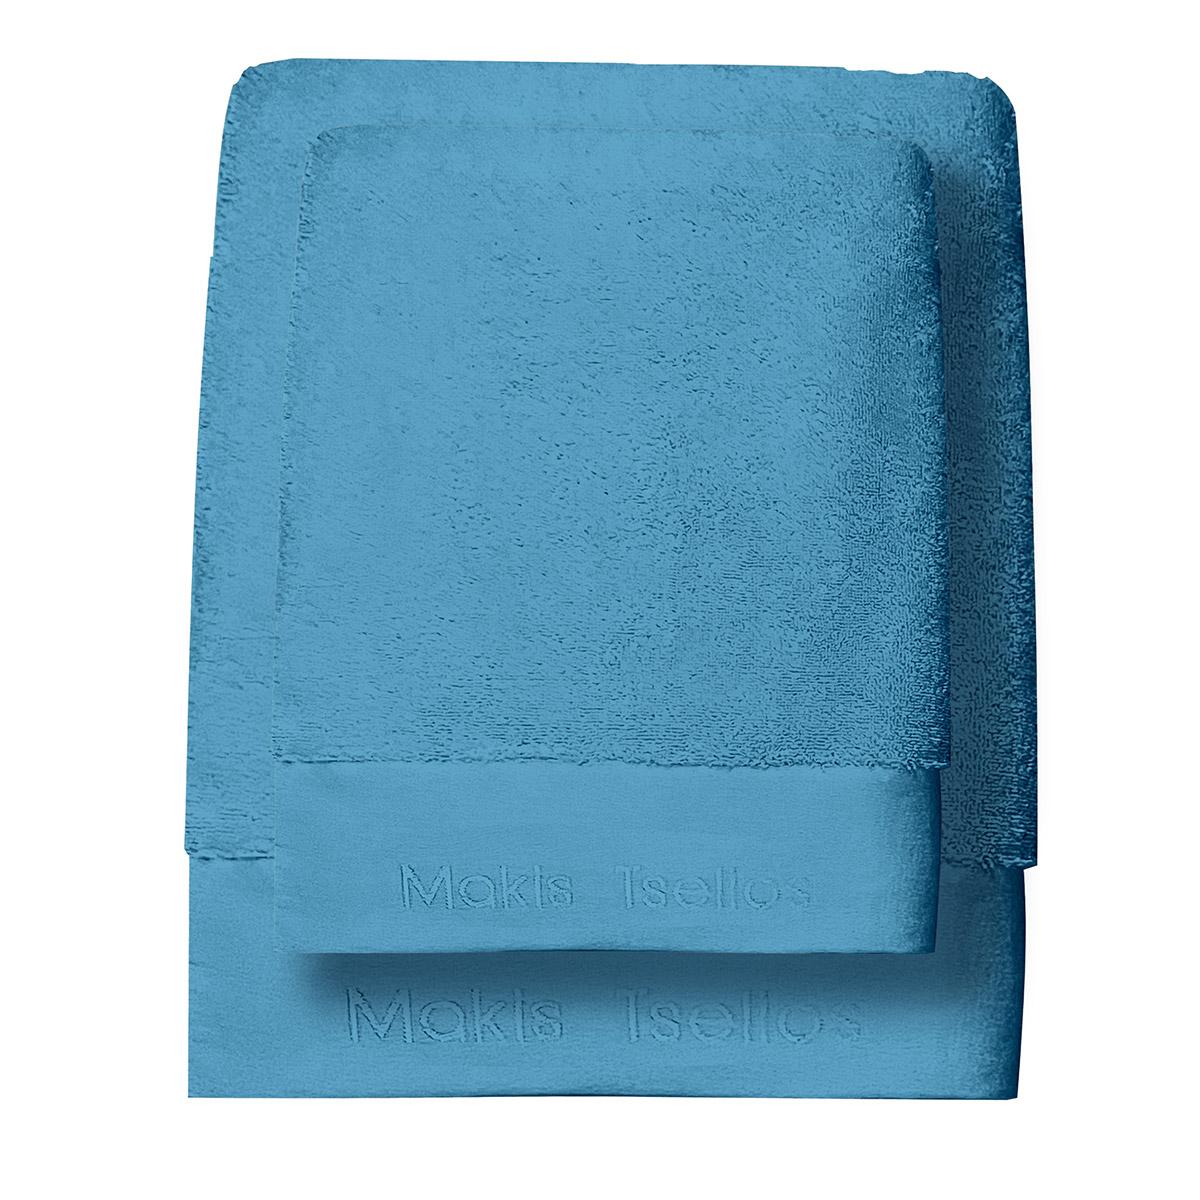 Πετσέτες Μπάνιου (Σετ 3τμχ) Makis Tselios Feel 3 Sky Blue